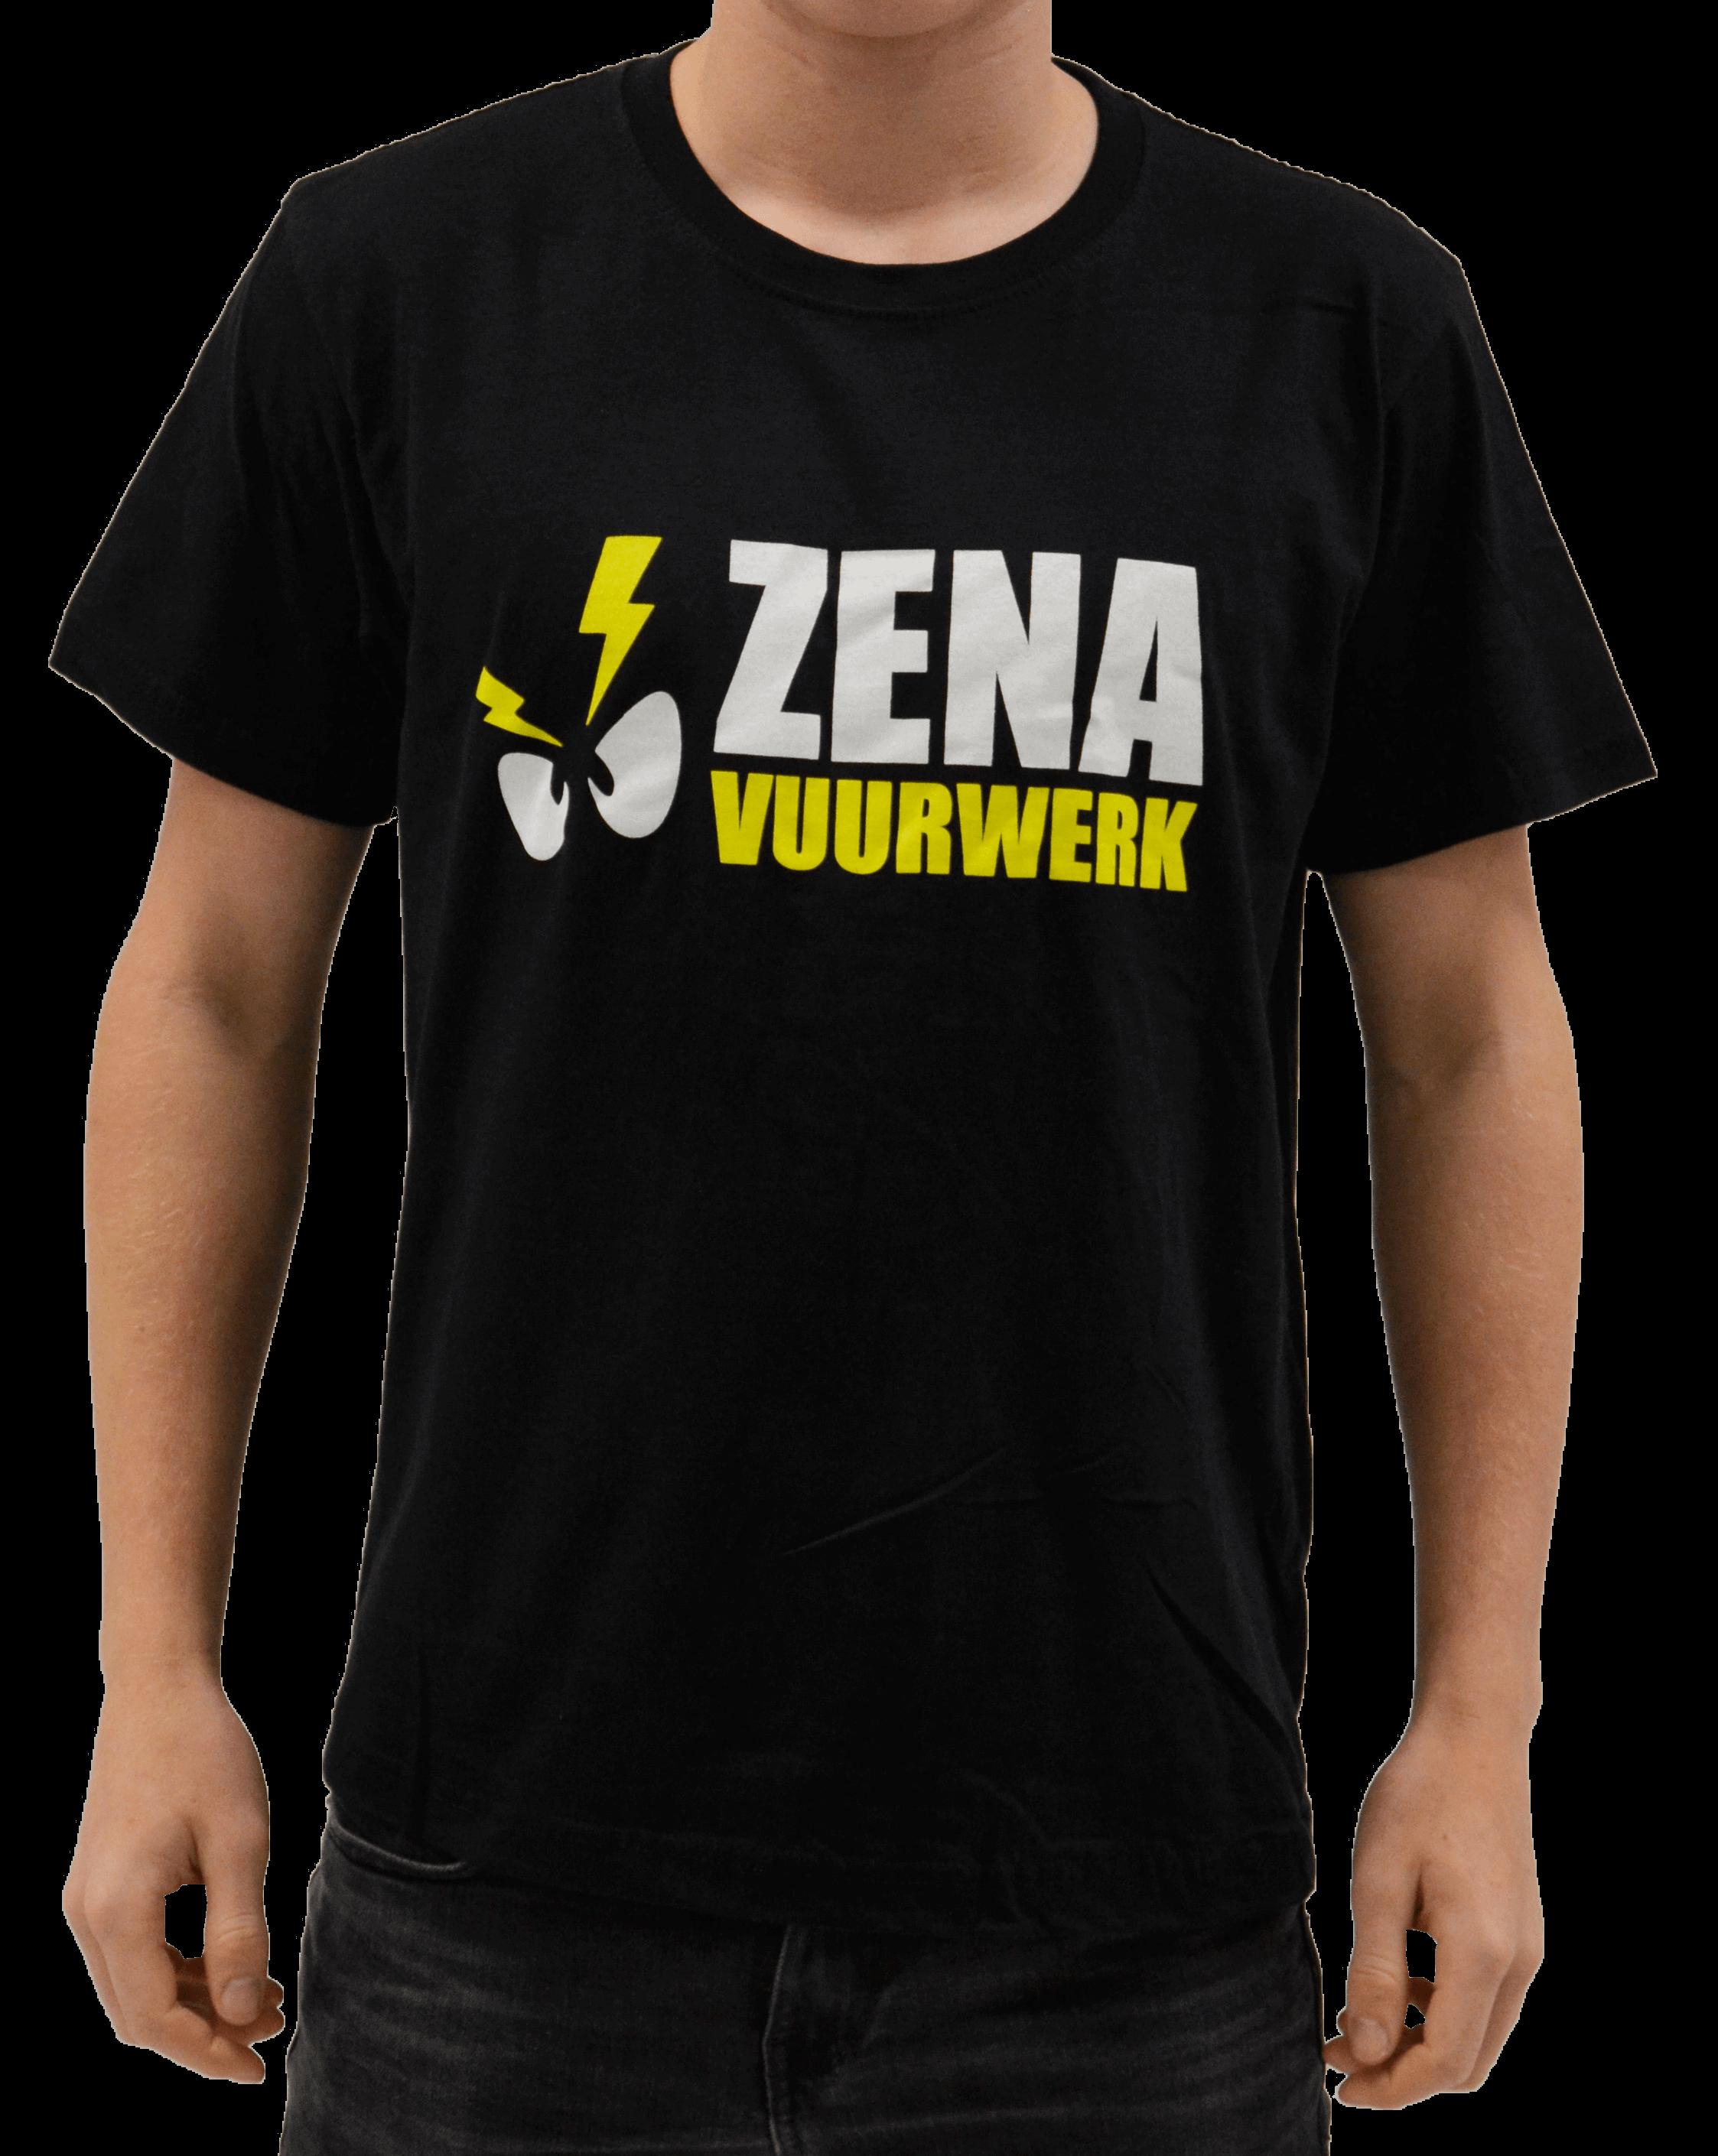 Zena T-Shirt Maat L